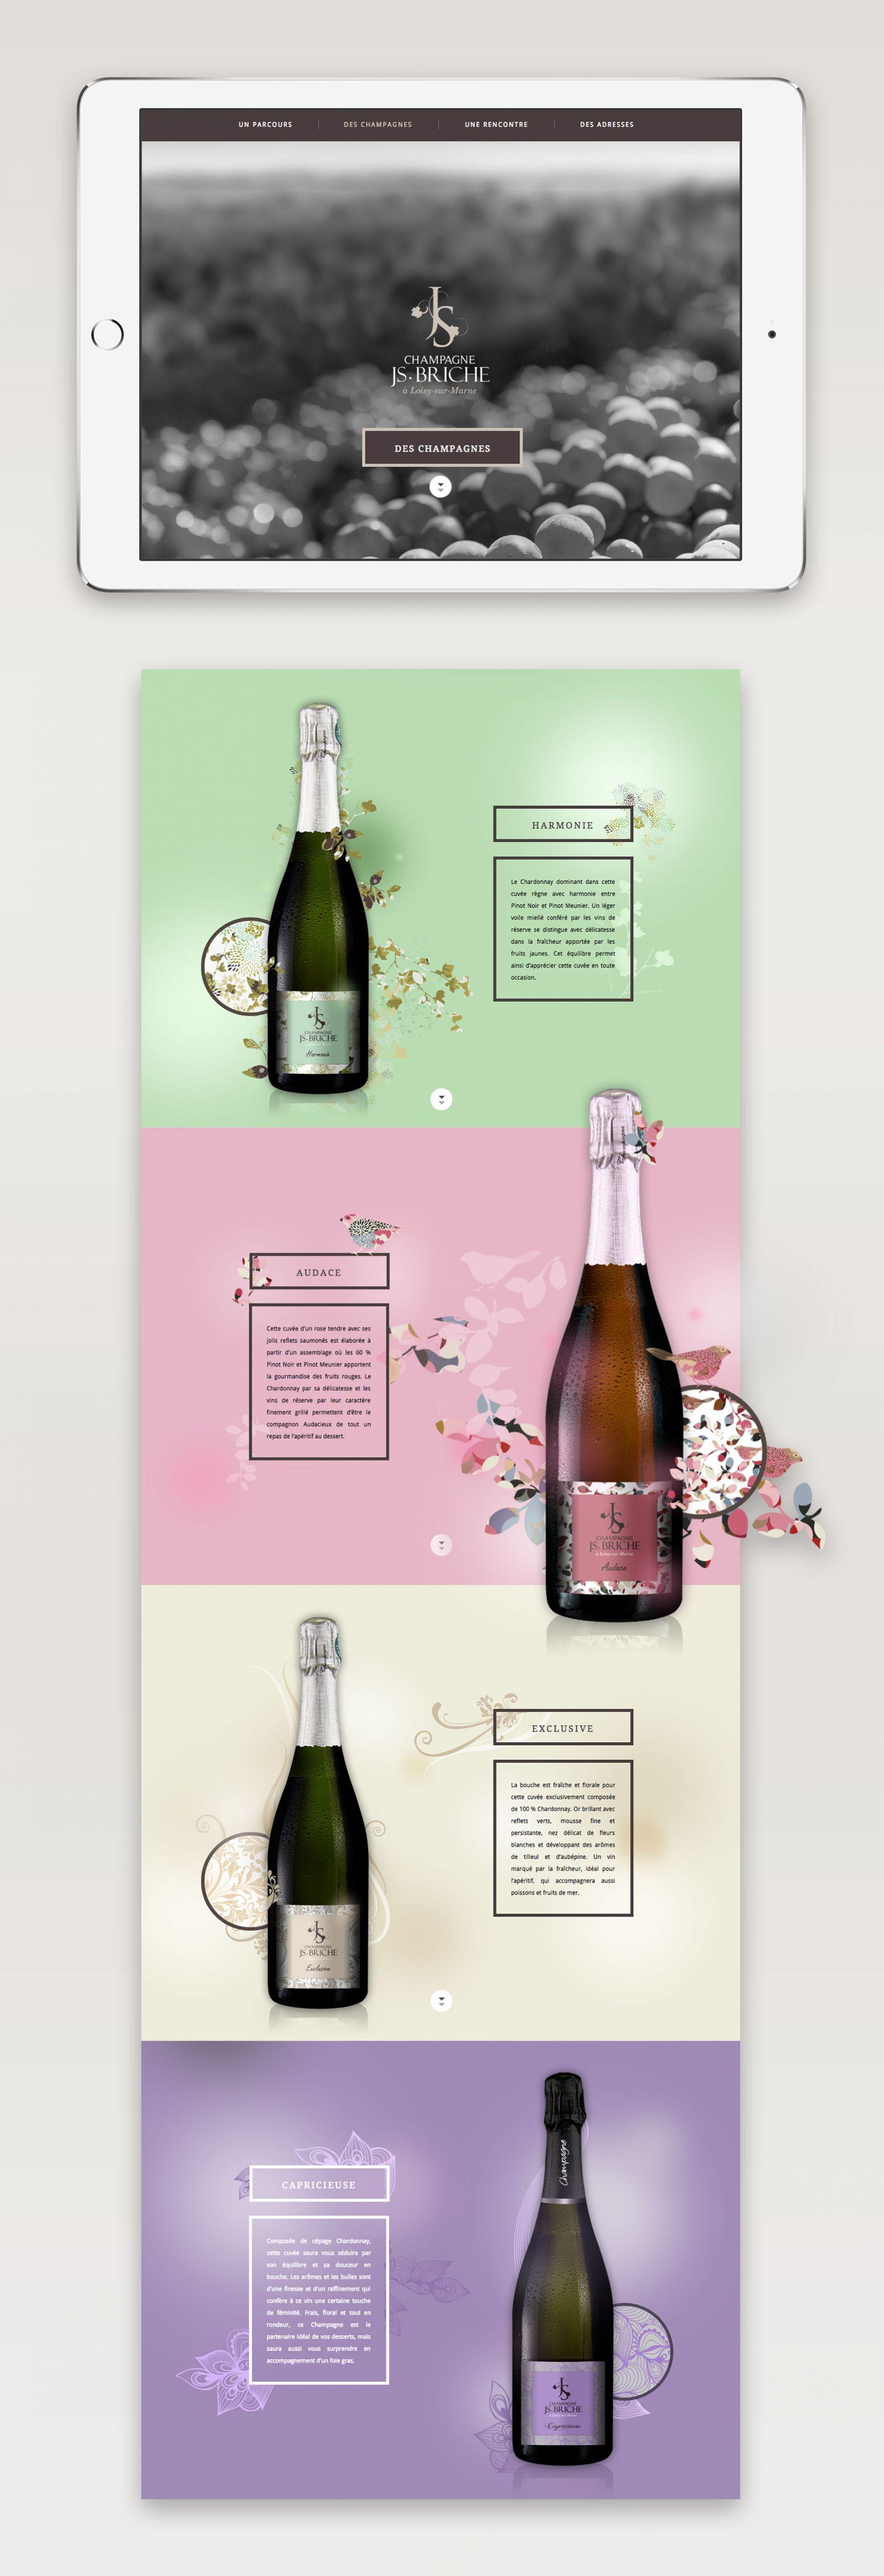 Champagne JS Briche Site internet